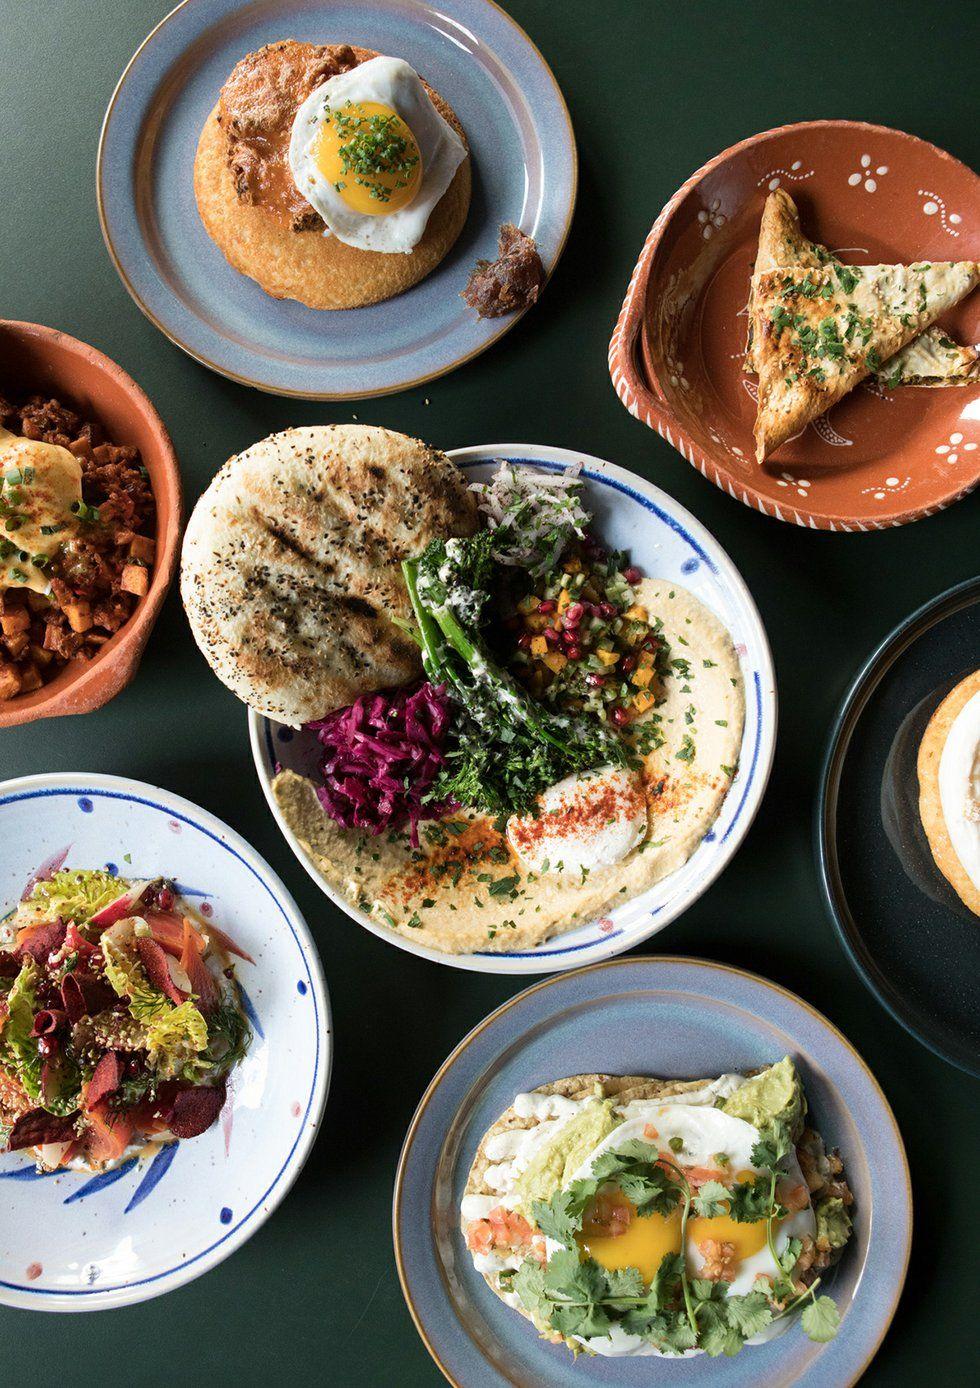 Toronto S Best New Brunch 2020 Now Magazine Easy Bean Recipes Tapas Dinner Brunch Restaurants